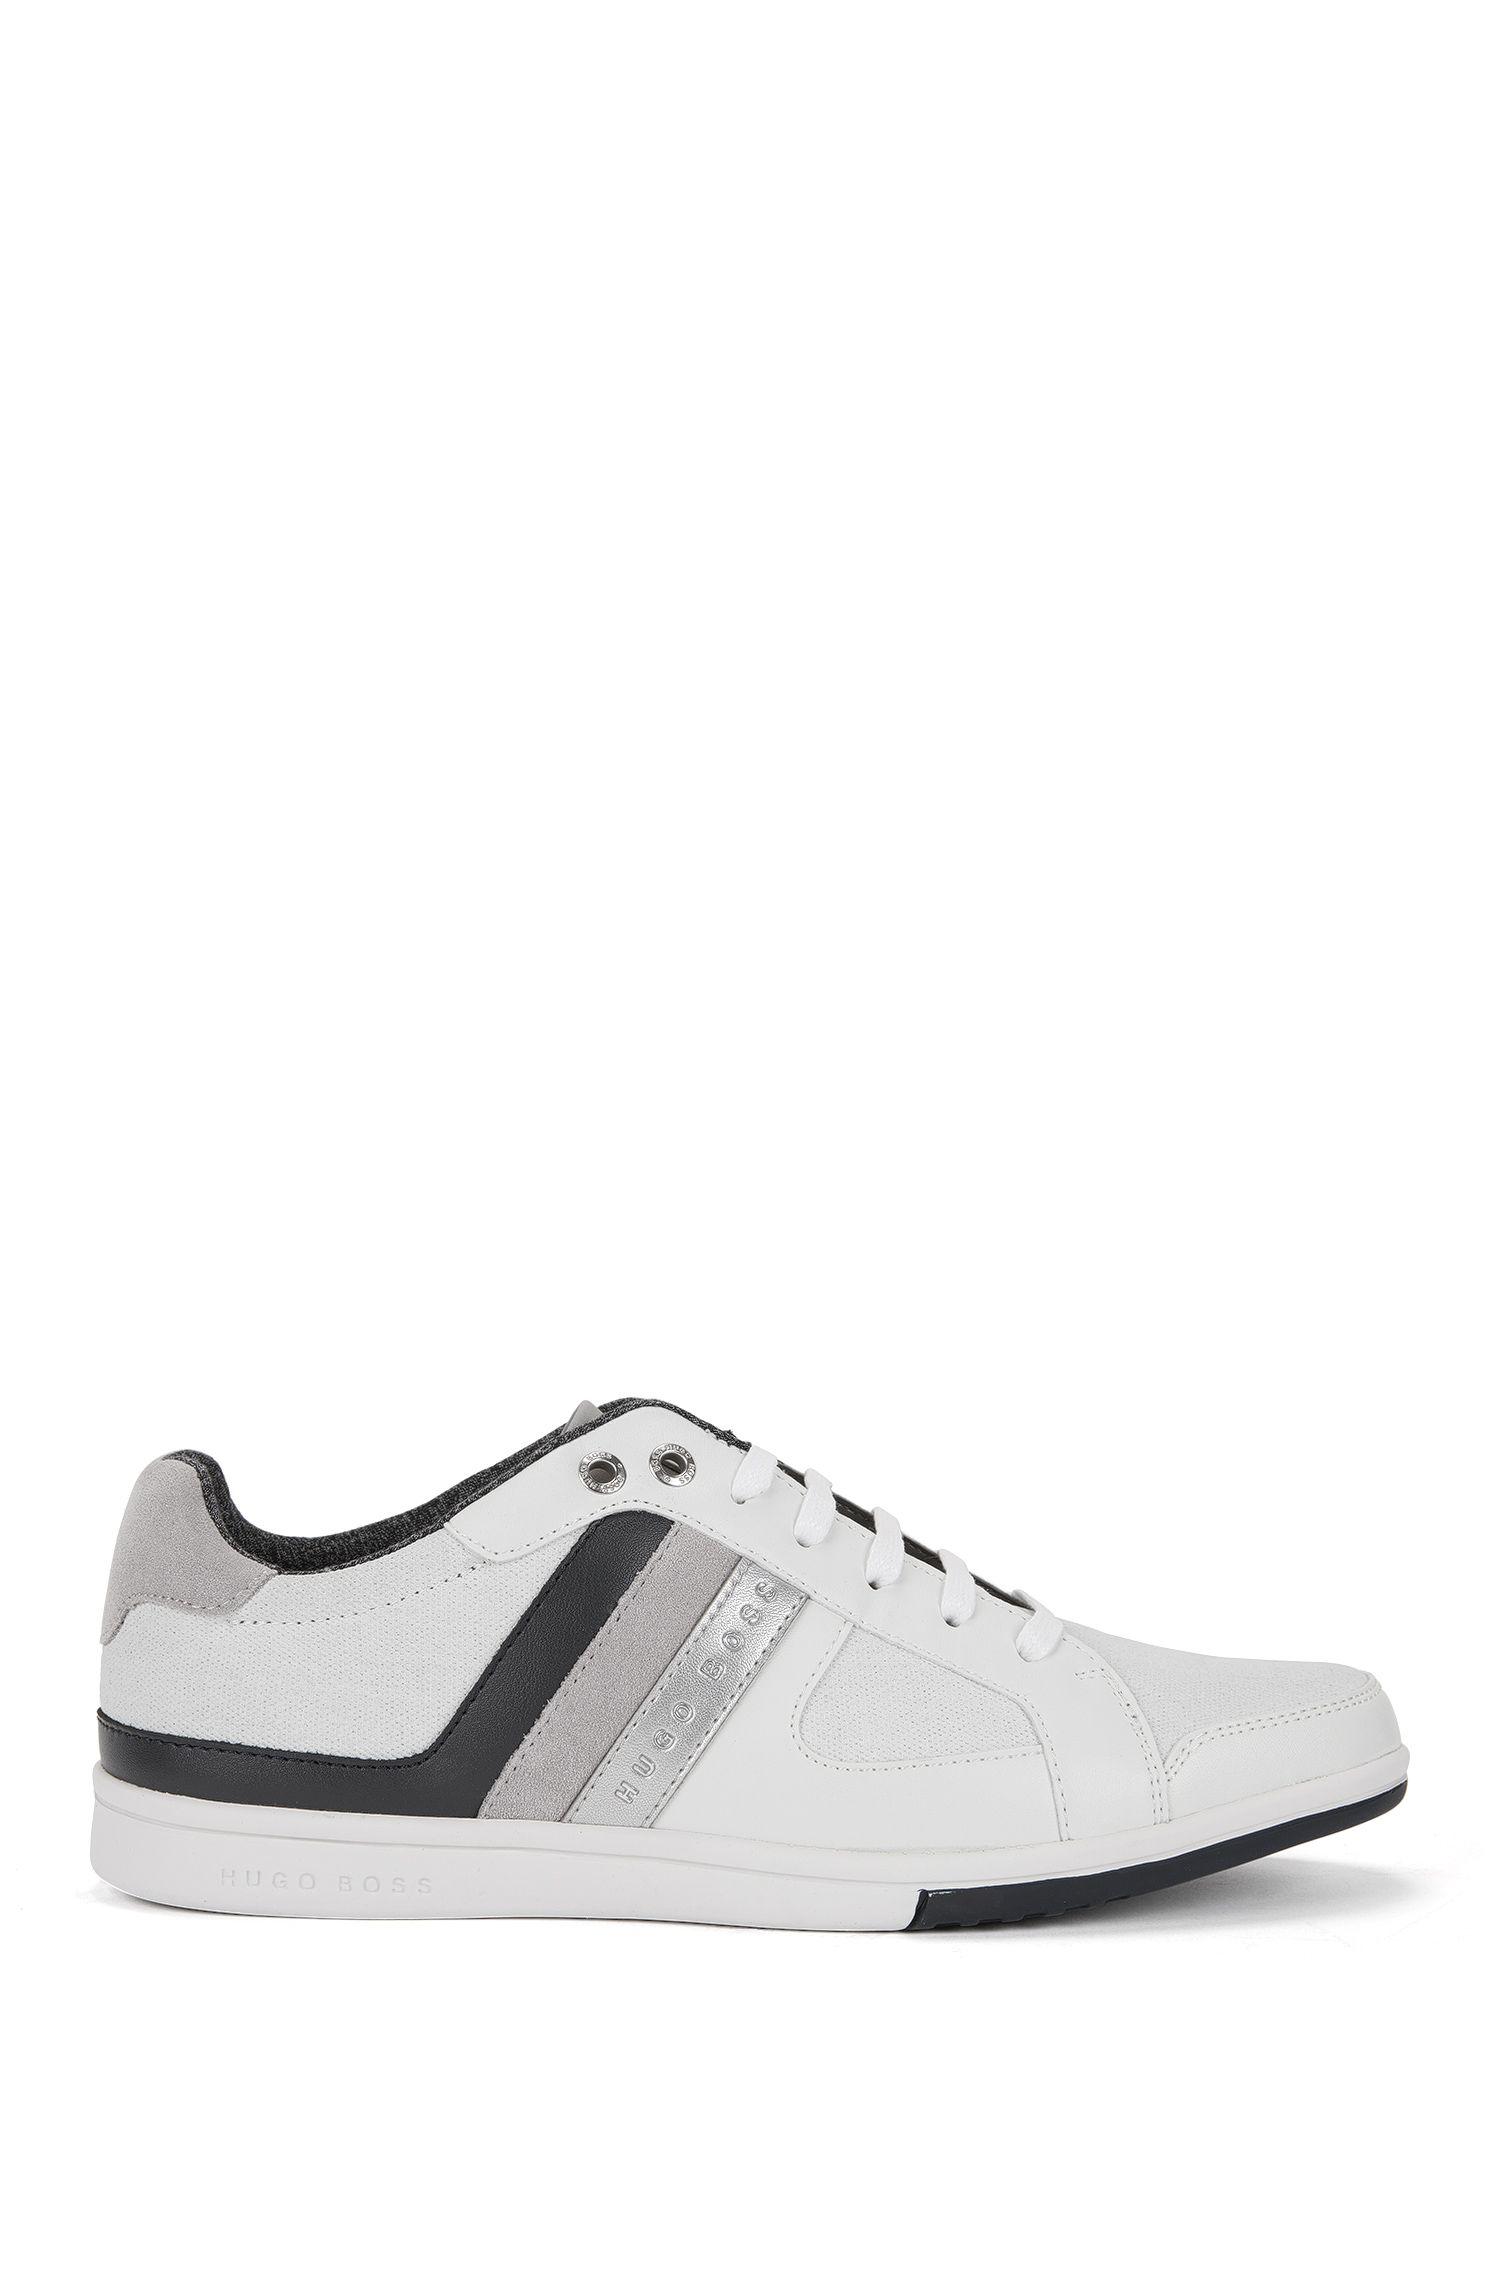 Coated Mesh Sneaker | Metro Tenn DNC, White